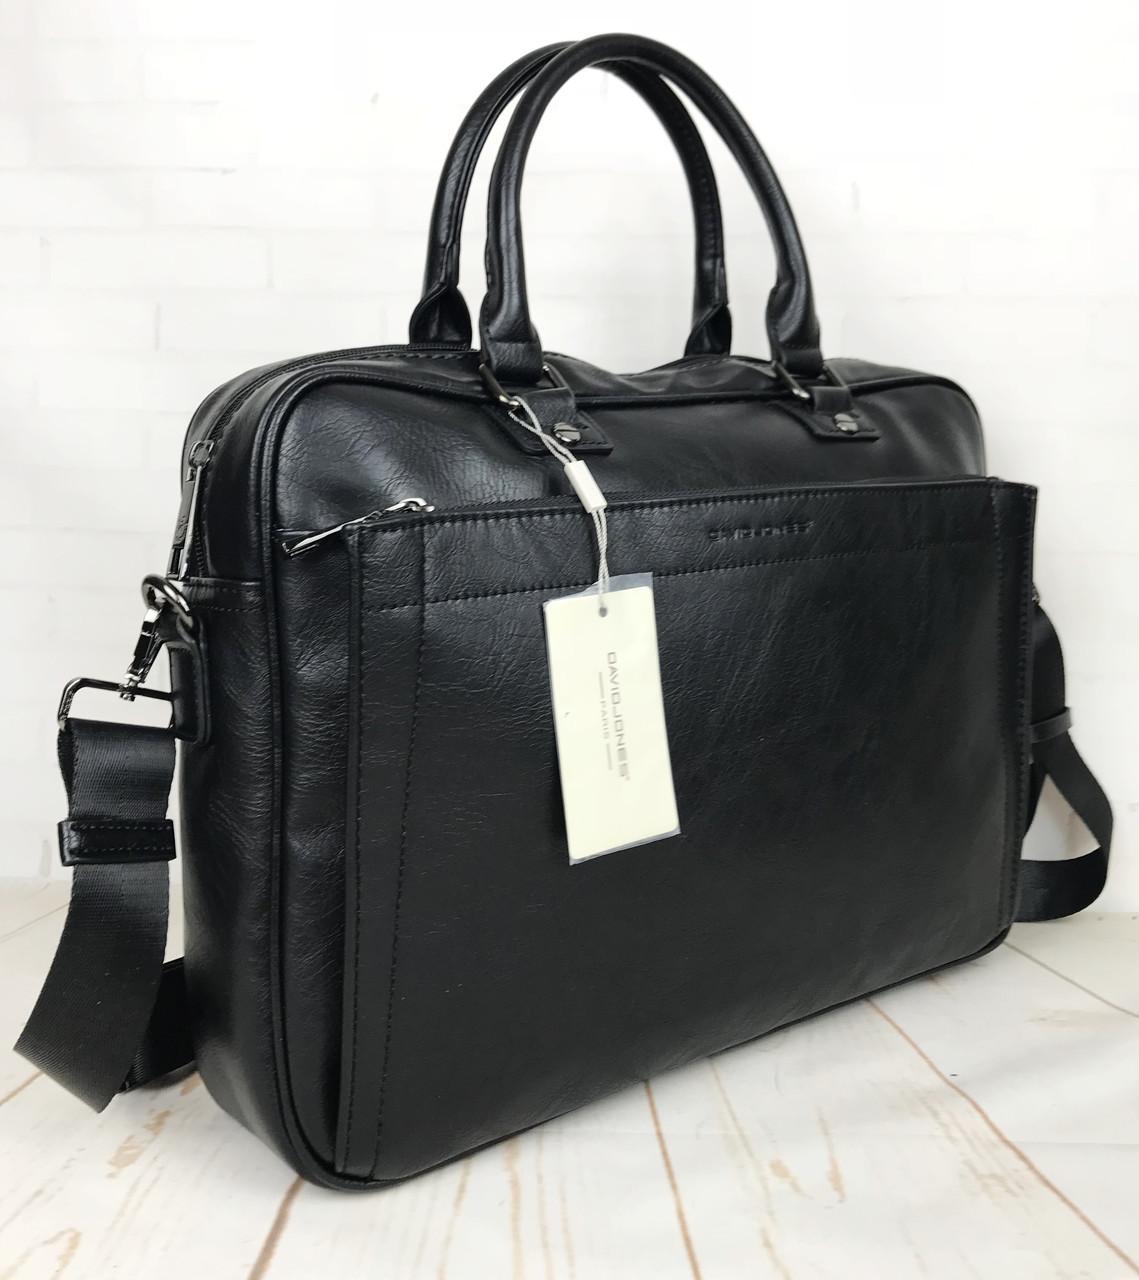 d2cb59ba Мужская сумка-портфель David Jones.Вместительная сумка David Jones для  документов. Мужские сумки